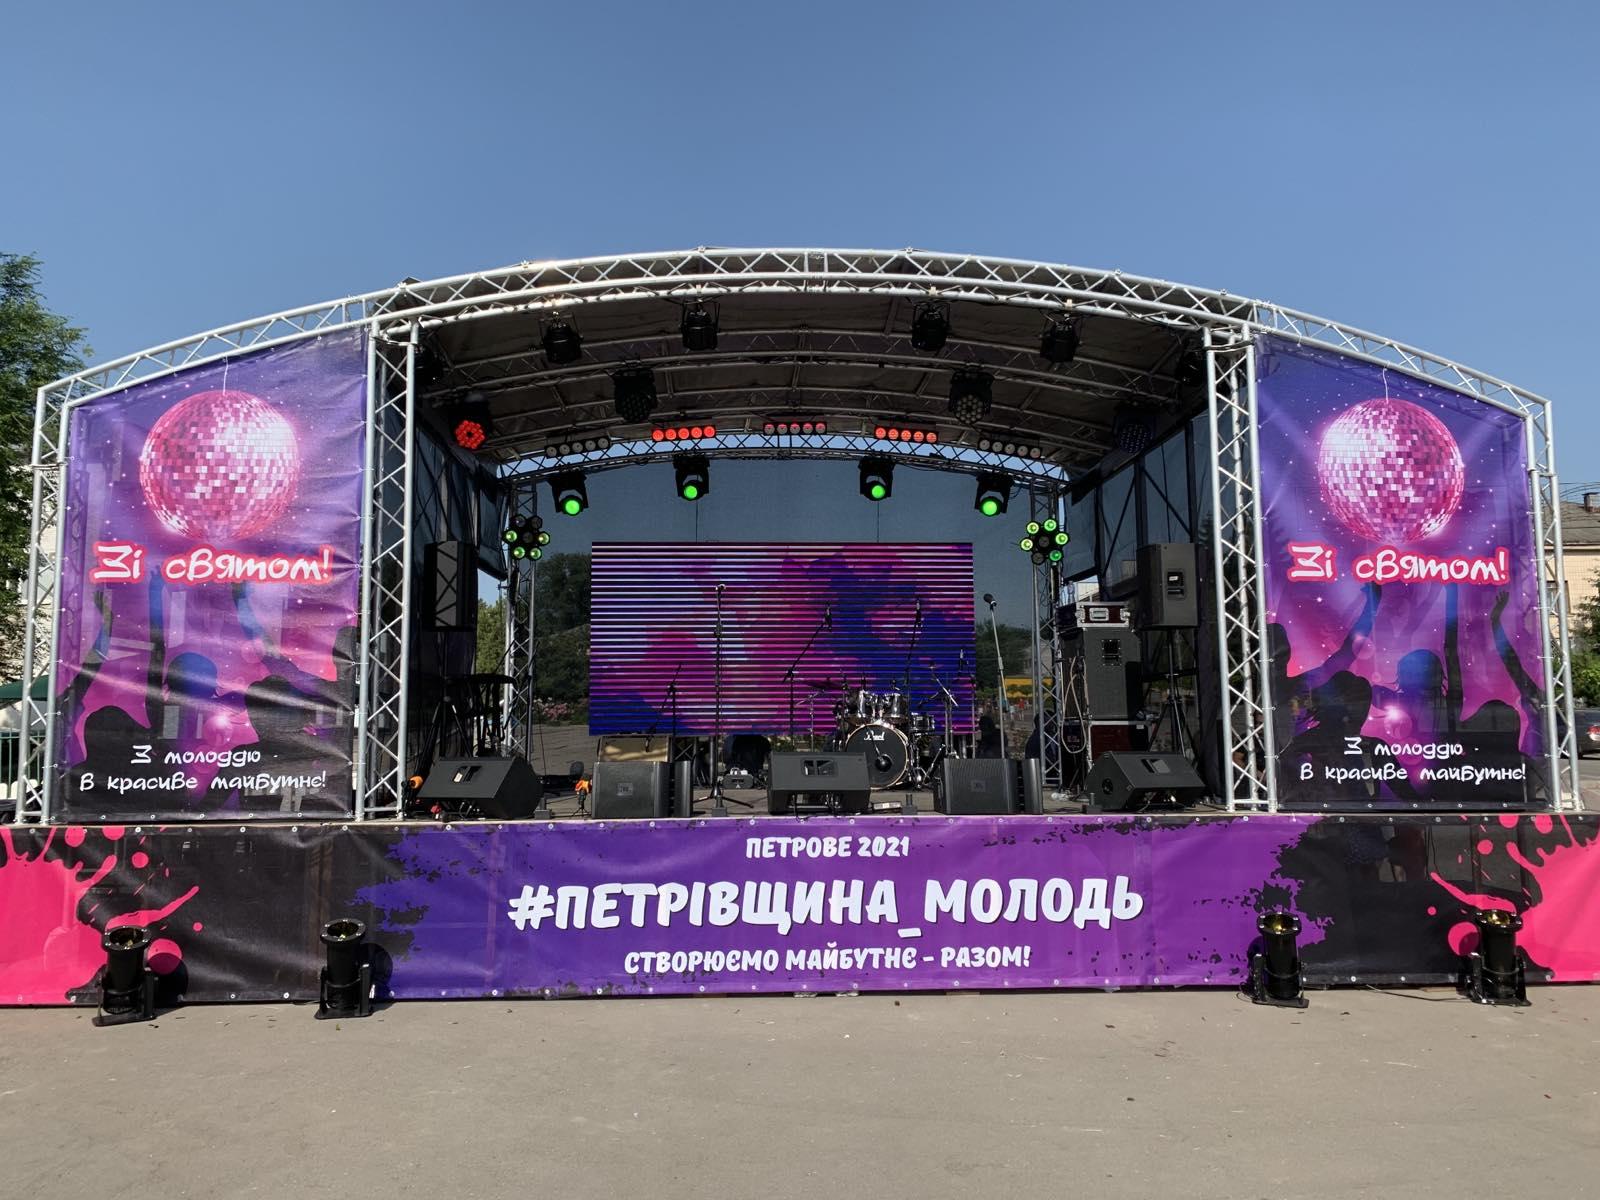 Аренда мобильной сцены 6х5 с крышей в Украине